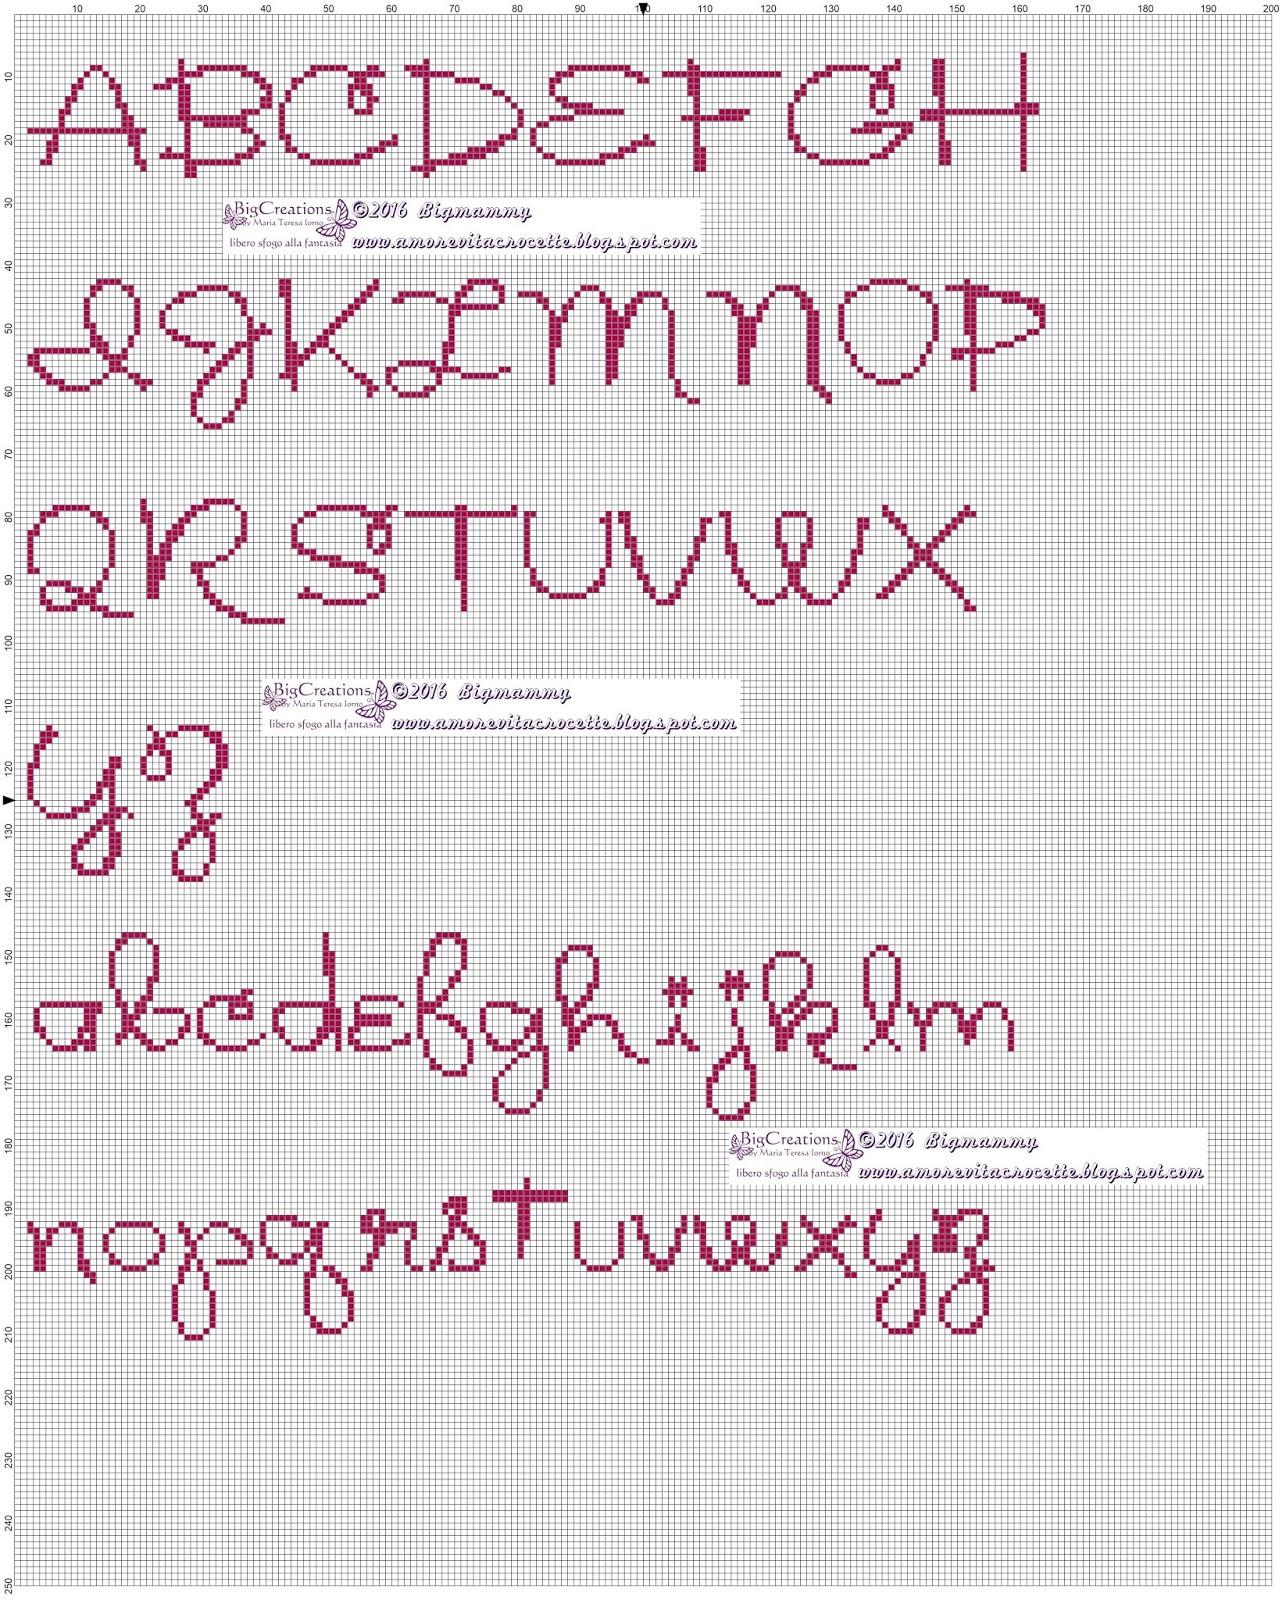 Amorevitacrocette vari alfabeti a punto croce for Lettere a punto a croce